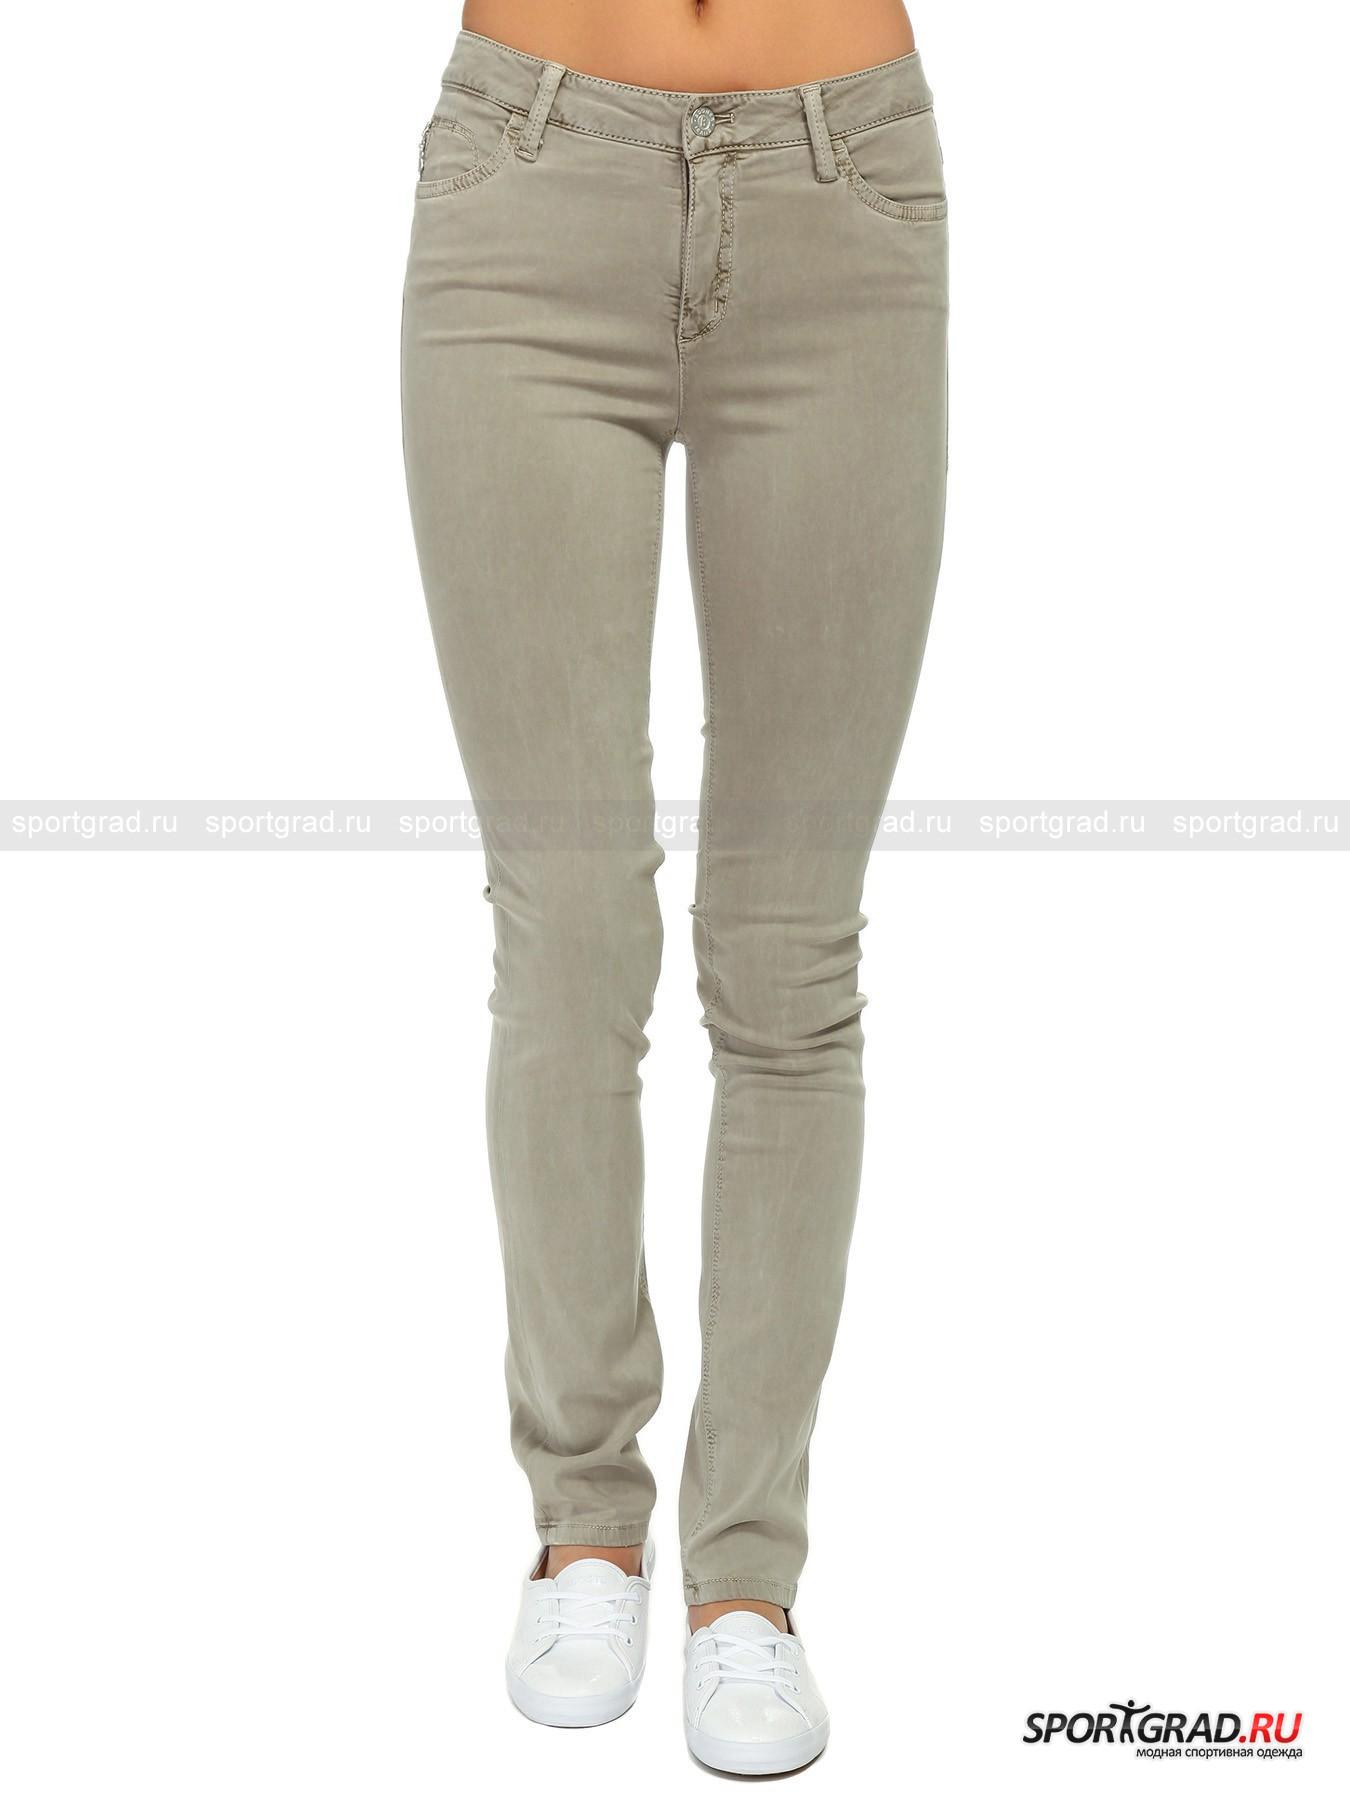 Джинсы женские BOGNER JEANS Supershape SlimБрюки<br>Коллекции немецкого бренда Bogner Jeans безусловно полны различных моделей качественных и стильных джинсов разного кроя и посадки.<br><br>Supershape Slim – зауженные джинсы классического силуэта. Привычные 5 карманов, один из которых (скрытый) на молнии. Наличие эластана обеспечивает ткань тянущимся свойством, позволяющим сохранять внешний вид модели даже после стирки. Наличие материала лиоцелла гарантирует повышенный уровень износоустойчивости и долговечности.<br><br>•Застегиваются на металлическую пуговицу и молнию<br>•Шлевки под ремень<br>•Зауженный после колена крой<br>•Фирменный логотип компании сзади в районе талии<br><br>Пол: Женский<br>Возраст: Взрослый<br>Тип: Брюки<br>Рекомендации по уходу: Деликатная стирка при 30С, не отбеливать, не сушить в барабане стиральной машины, гладить при температуре не более 110С, химчистка запрещена.<br>Состав: 64% лиоцелл/ 34% хлопок/2% эластан.